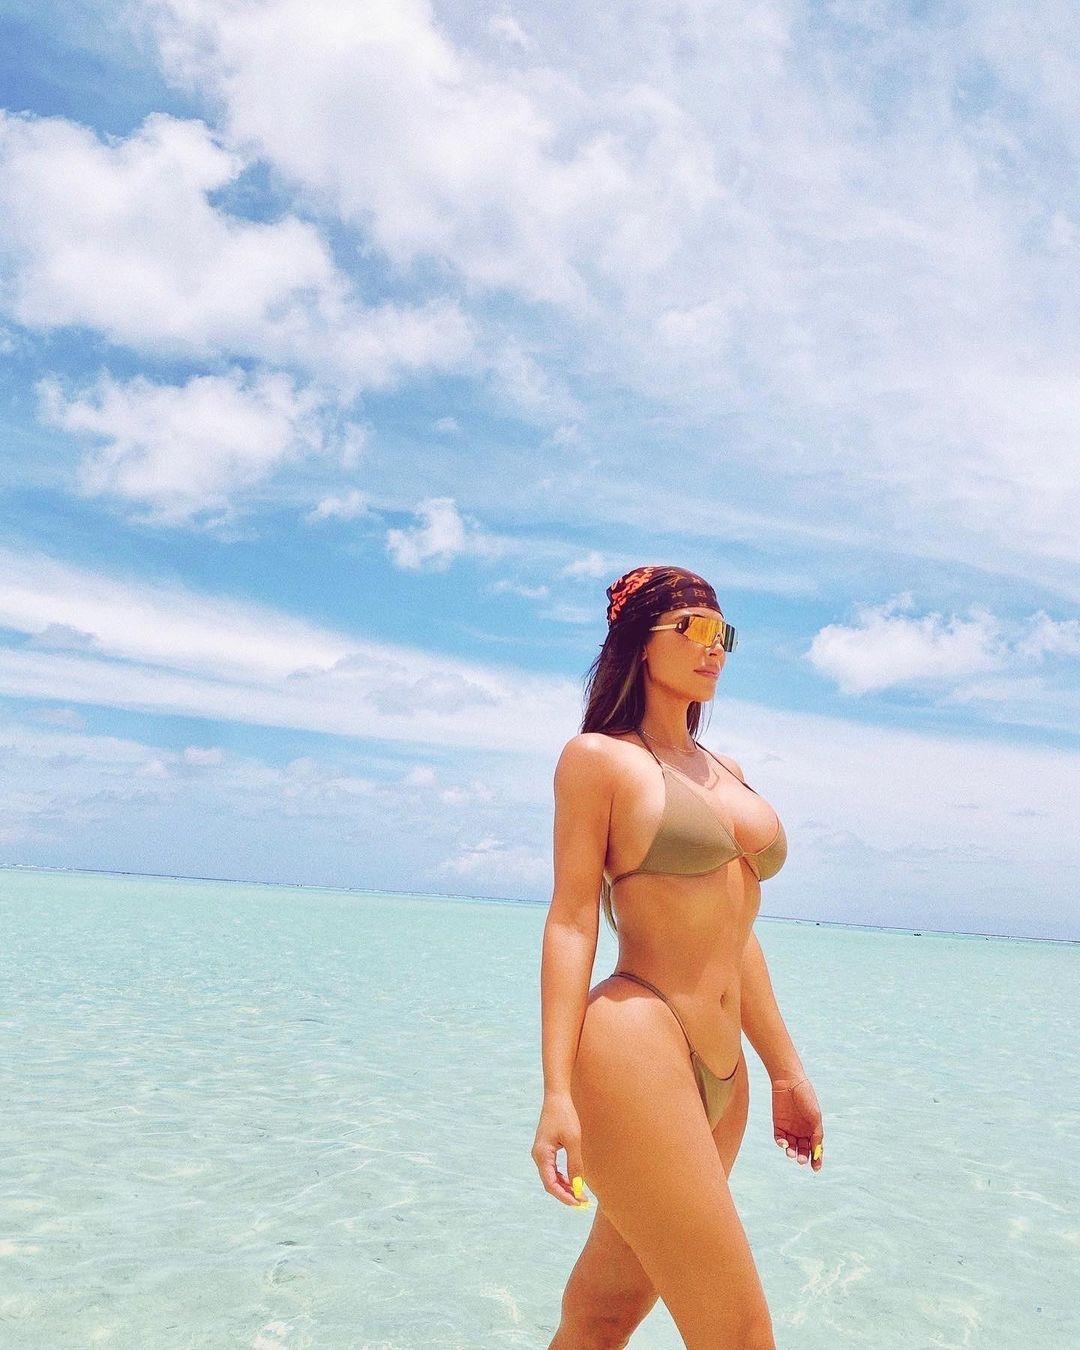 Слишком горячо: Ким Кардашьян показала соблазнительные фото в купальнике - фото №2